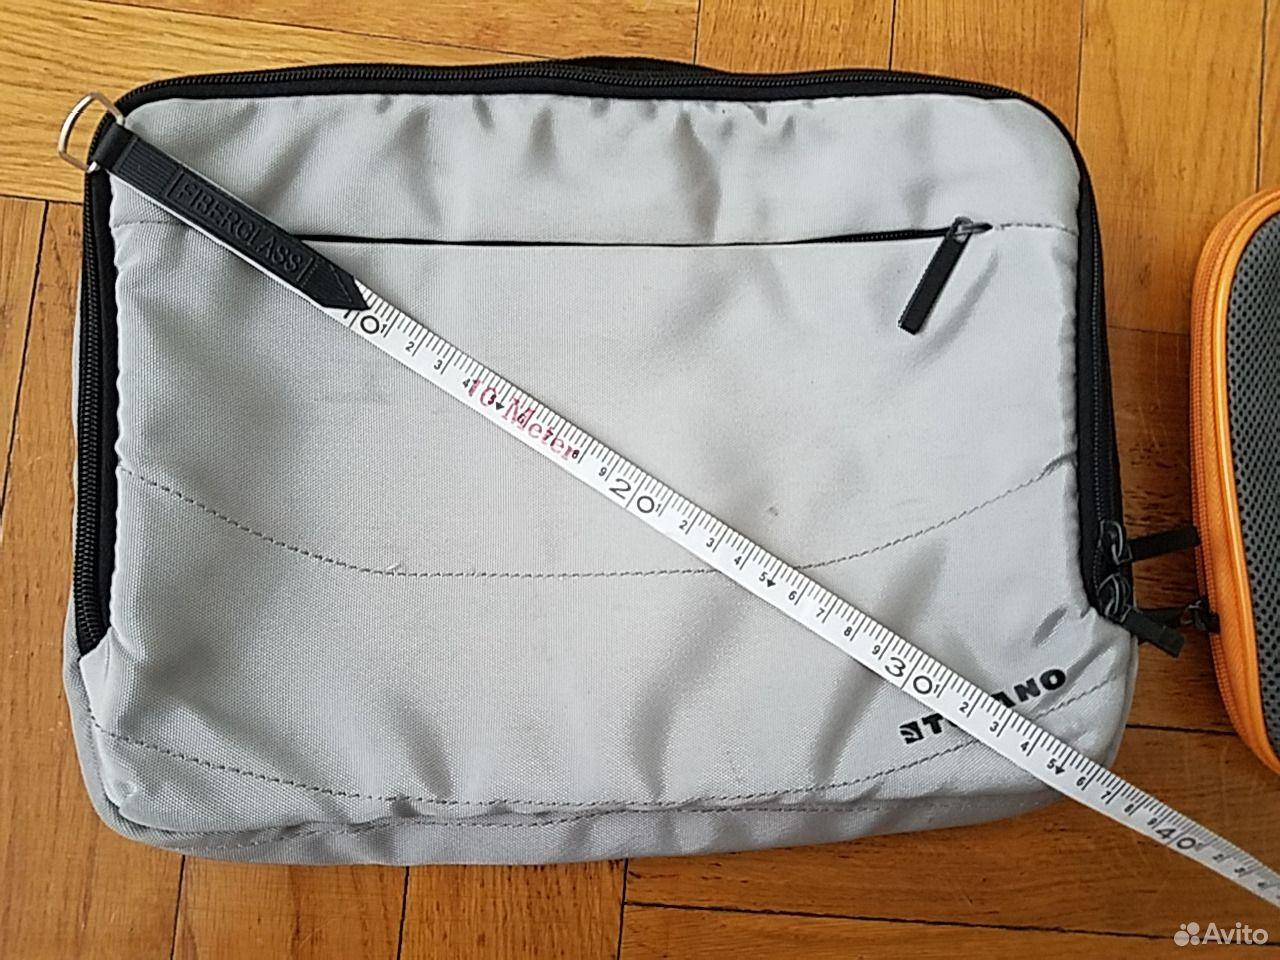 Продам сумку и чехол для нетбука. Состояние на 4ку